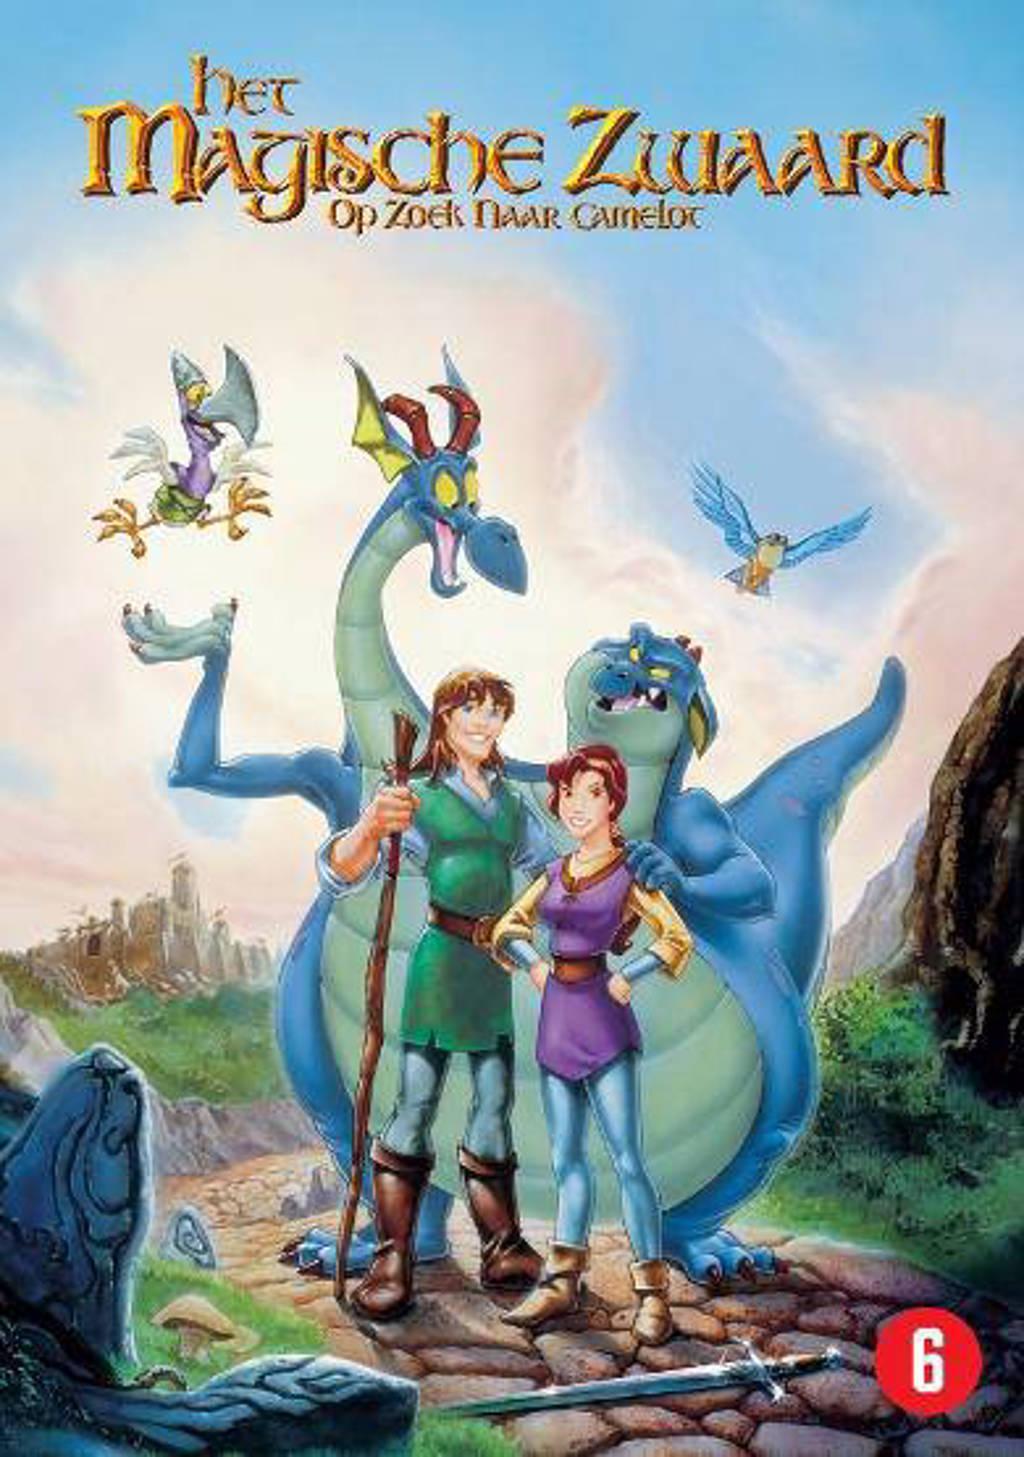 Magische zwaard (DVD)